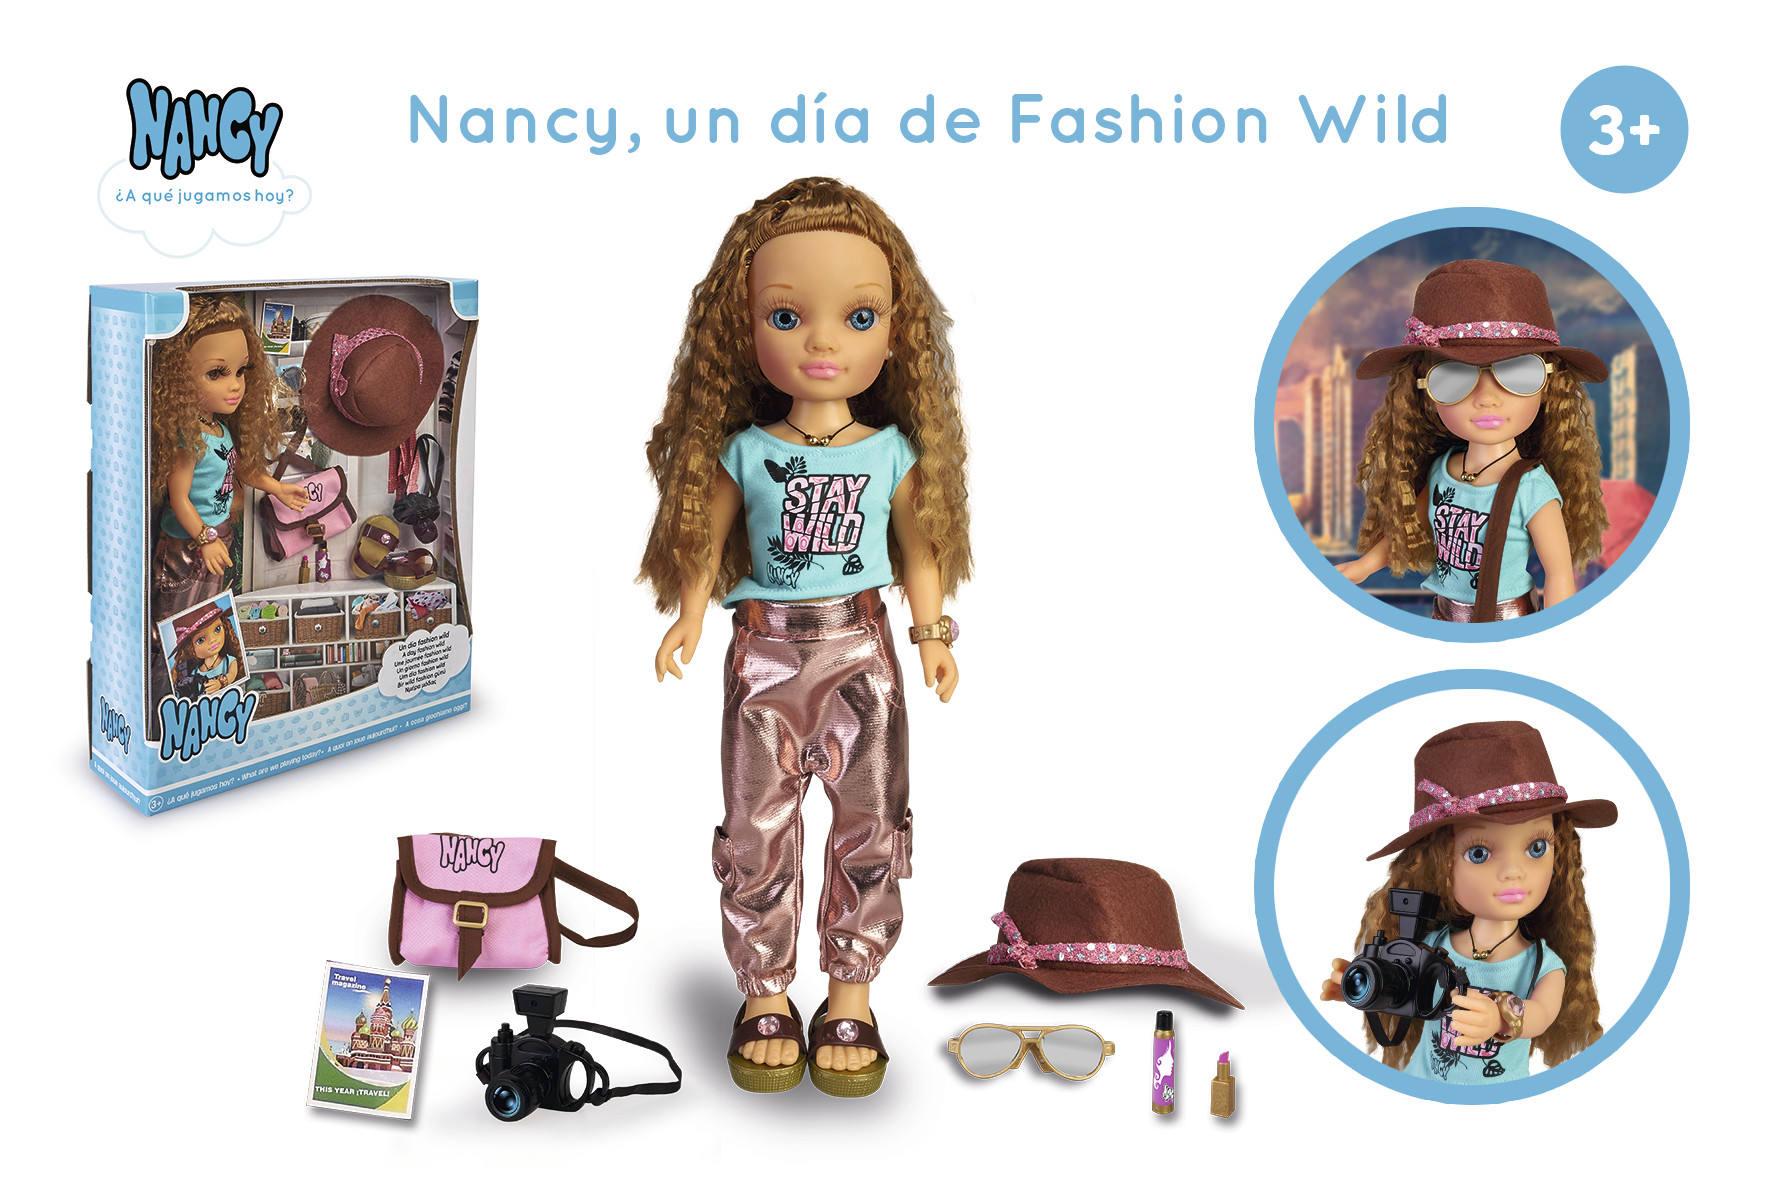 NANCY UN DIA FASHION 15786  N35820